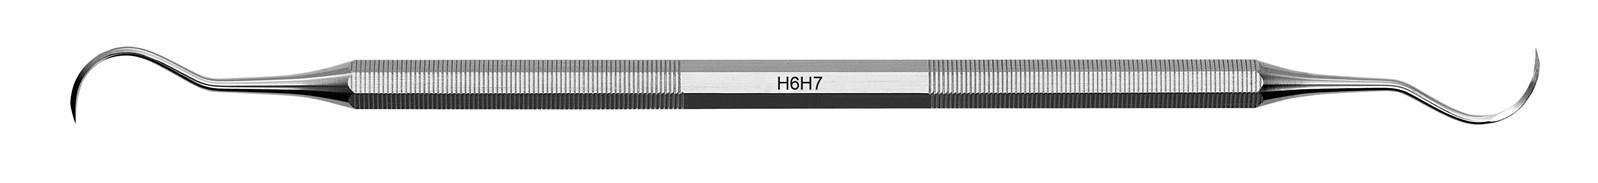 Scaler univerzální - H6H7, ADEP světle zelený